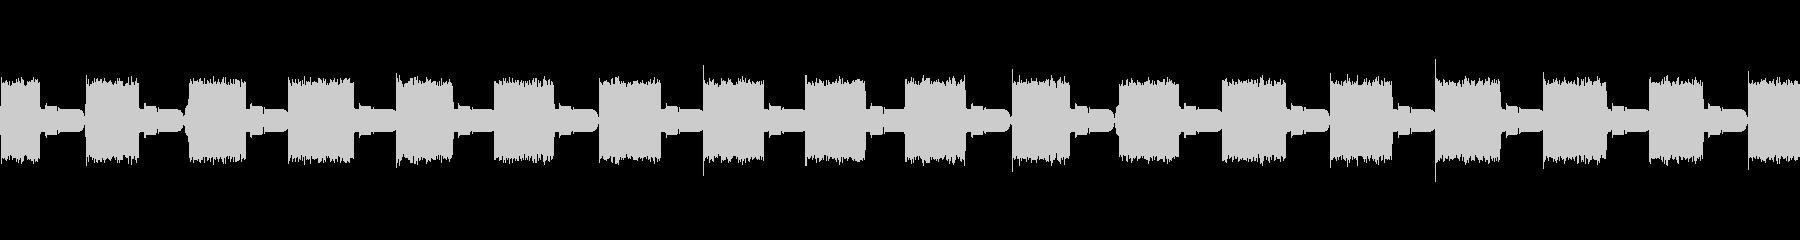 トーンバズアラームアトミックの未再生の波形